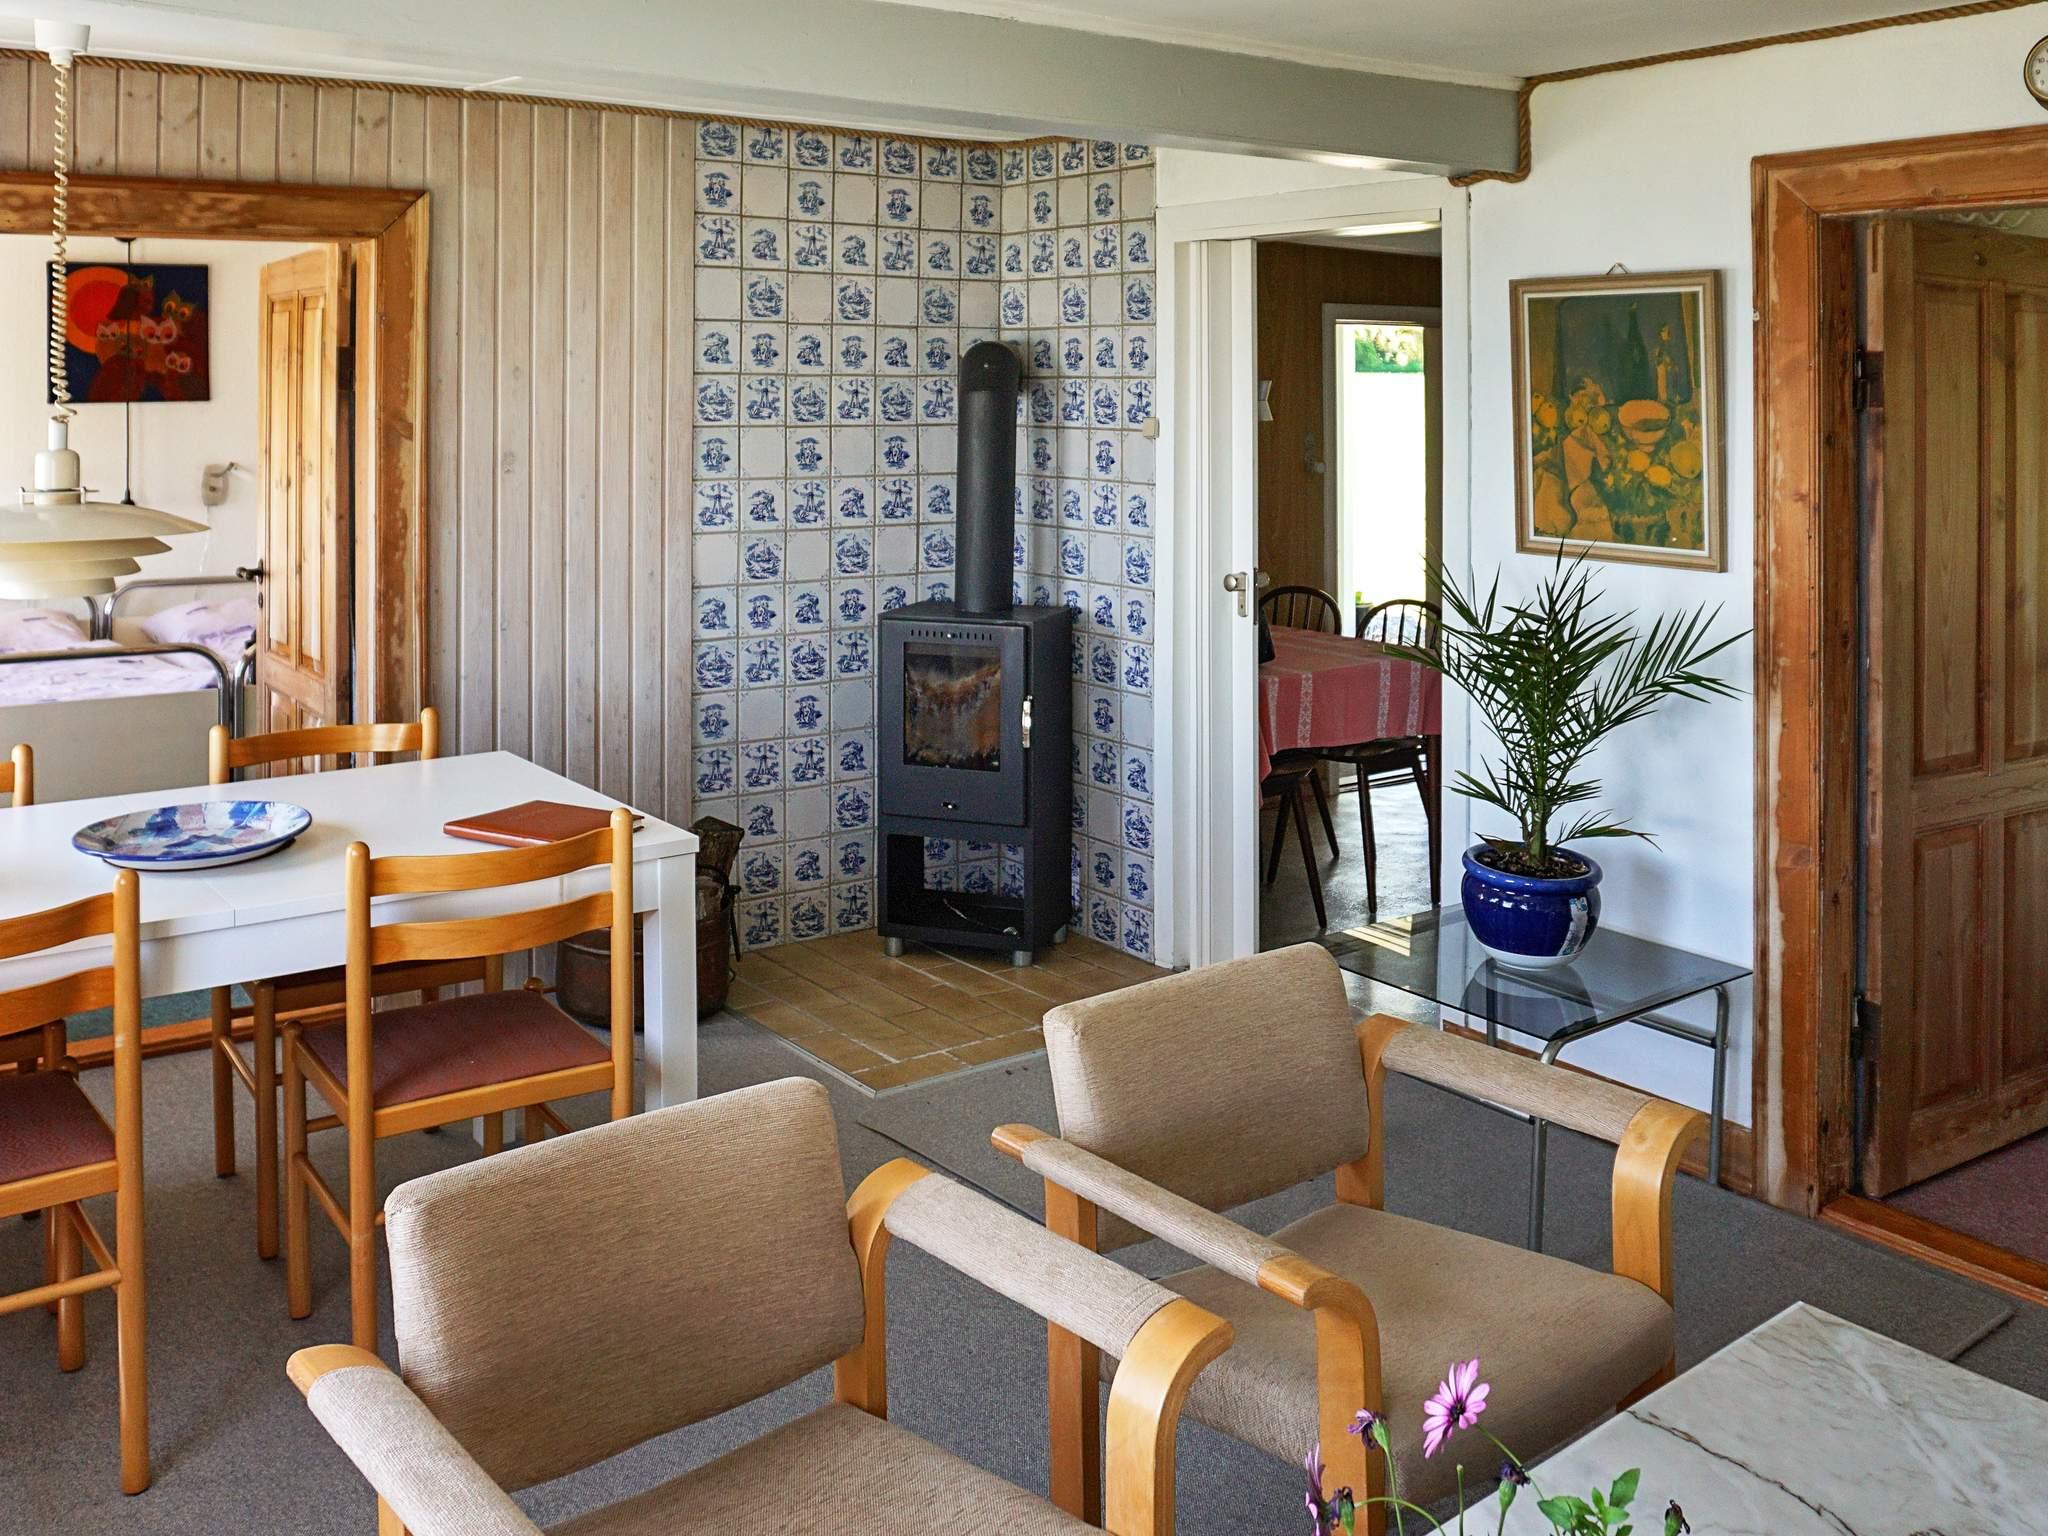 Ferienwohnung Sønder Stenderup (82182), Sønder Stenderup, , Südostjütland, Dänemark, Bild 2